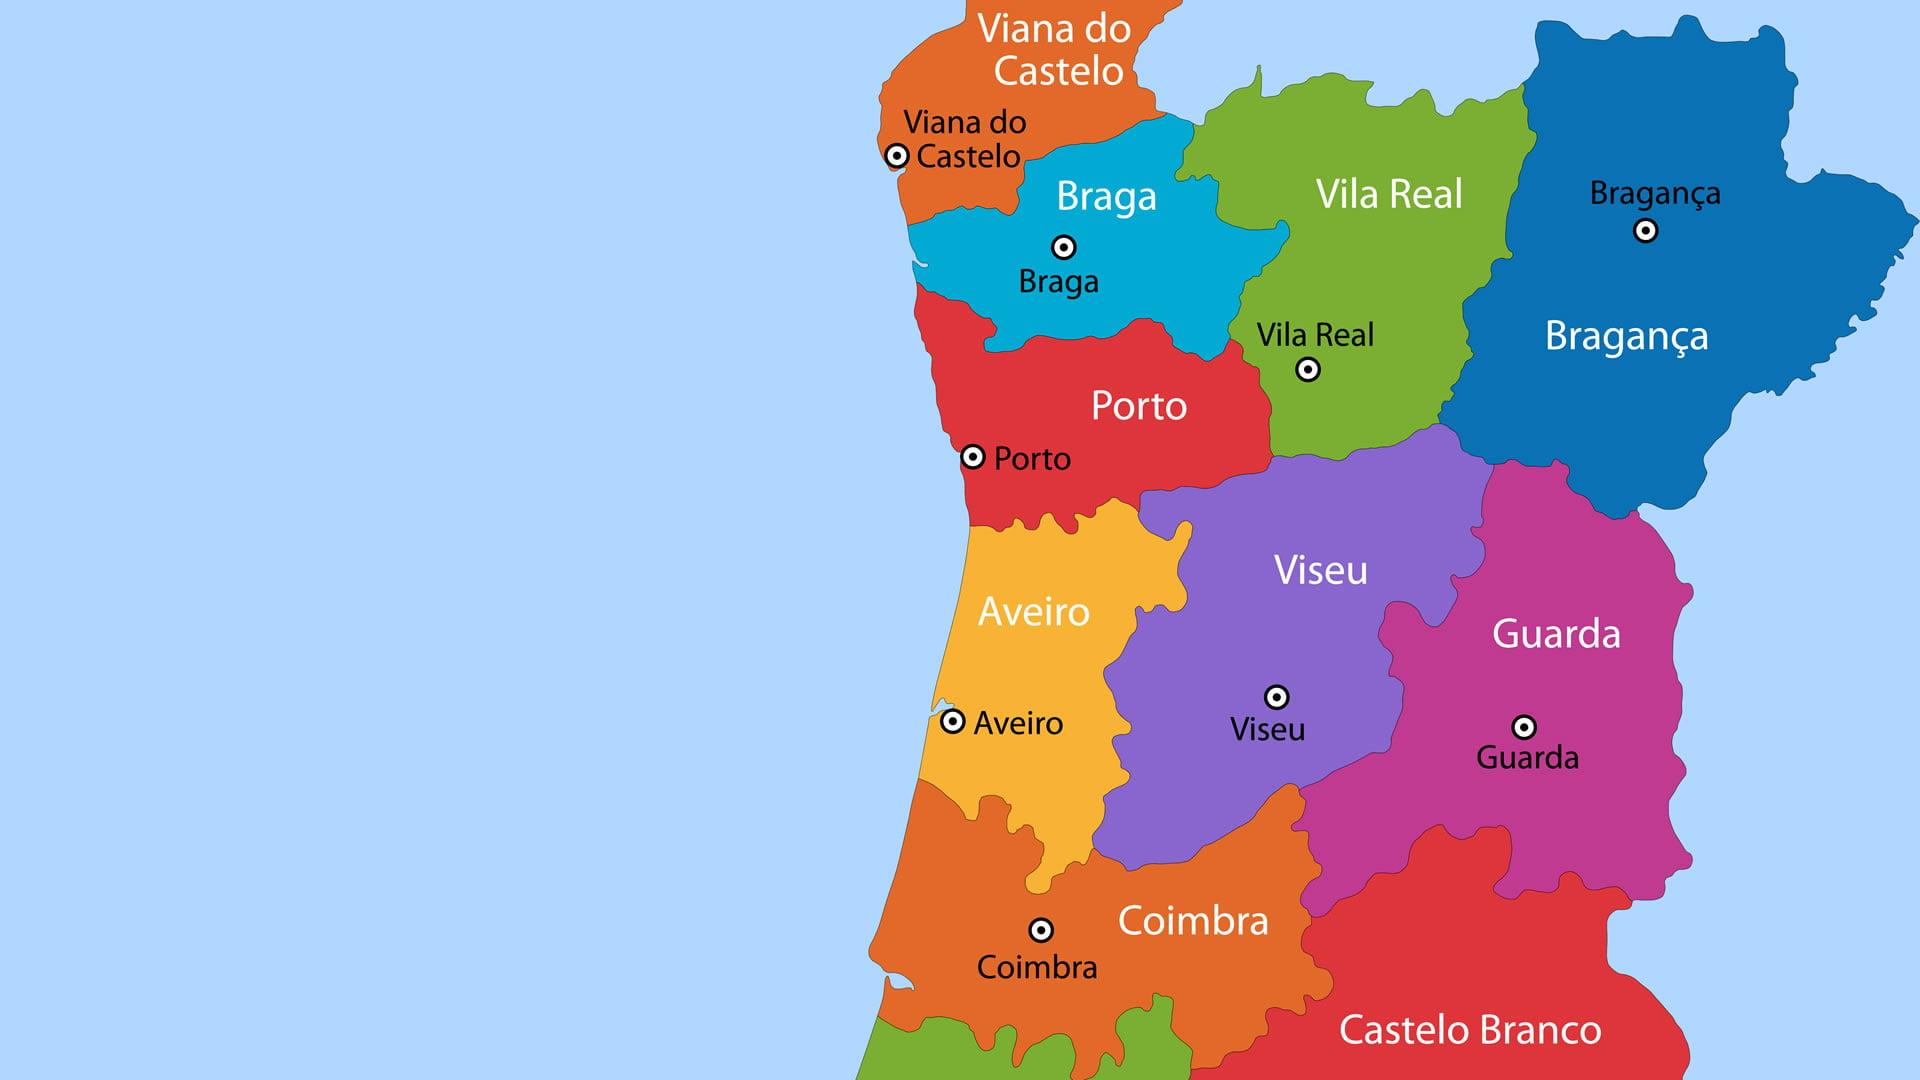 mapa de portugal tamanho a4 Mapas de Portugal mapa de portugal tamanho a4